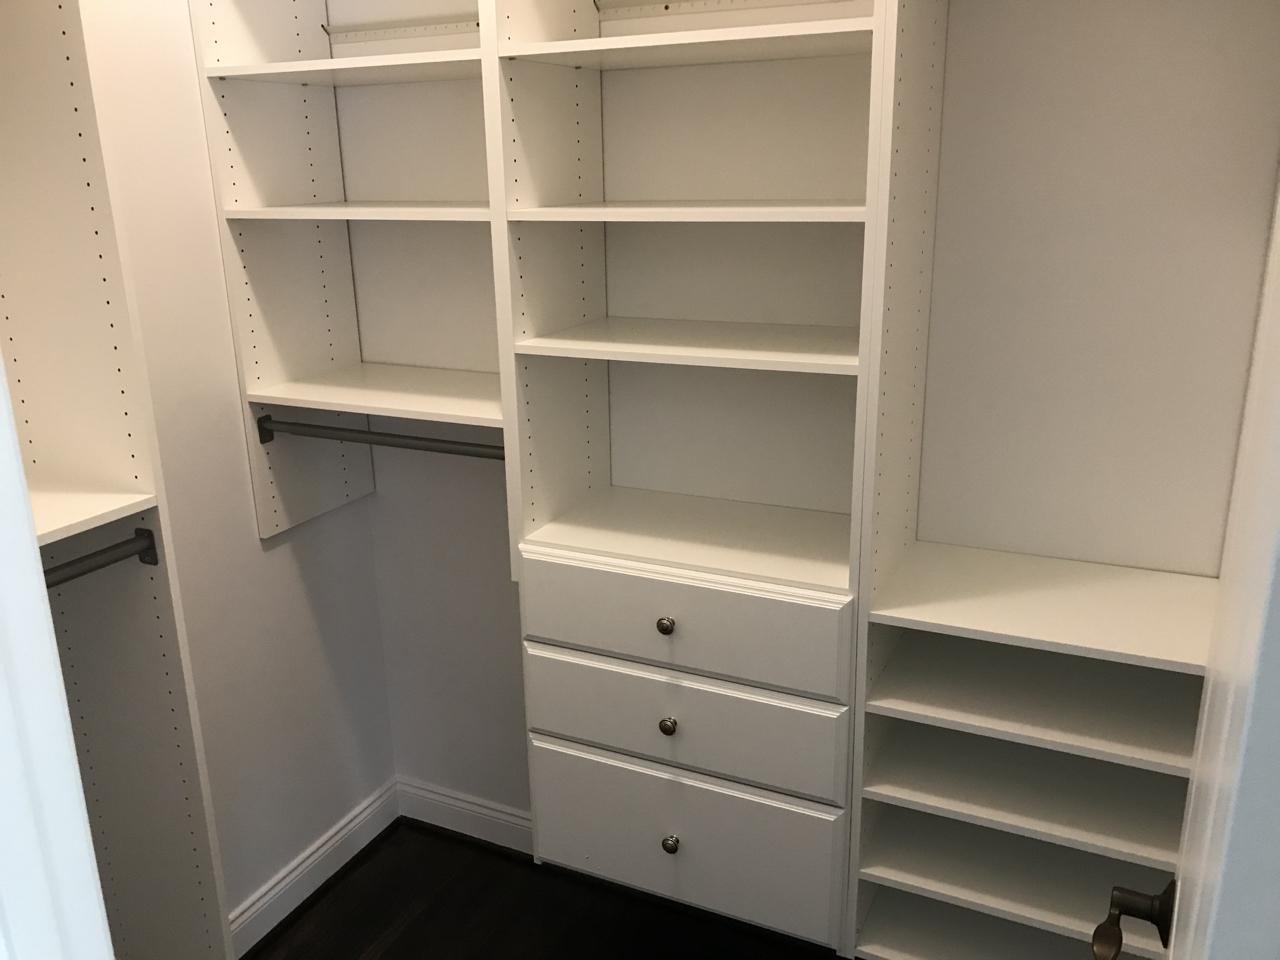 11 Jun Custom Closet Built Ins